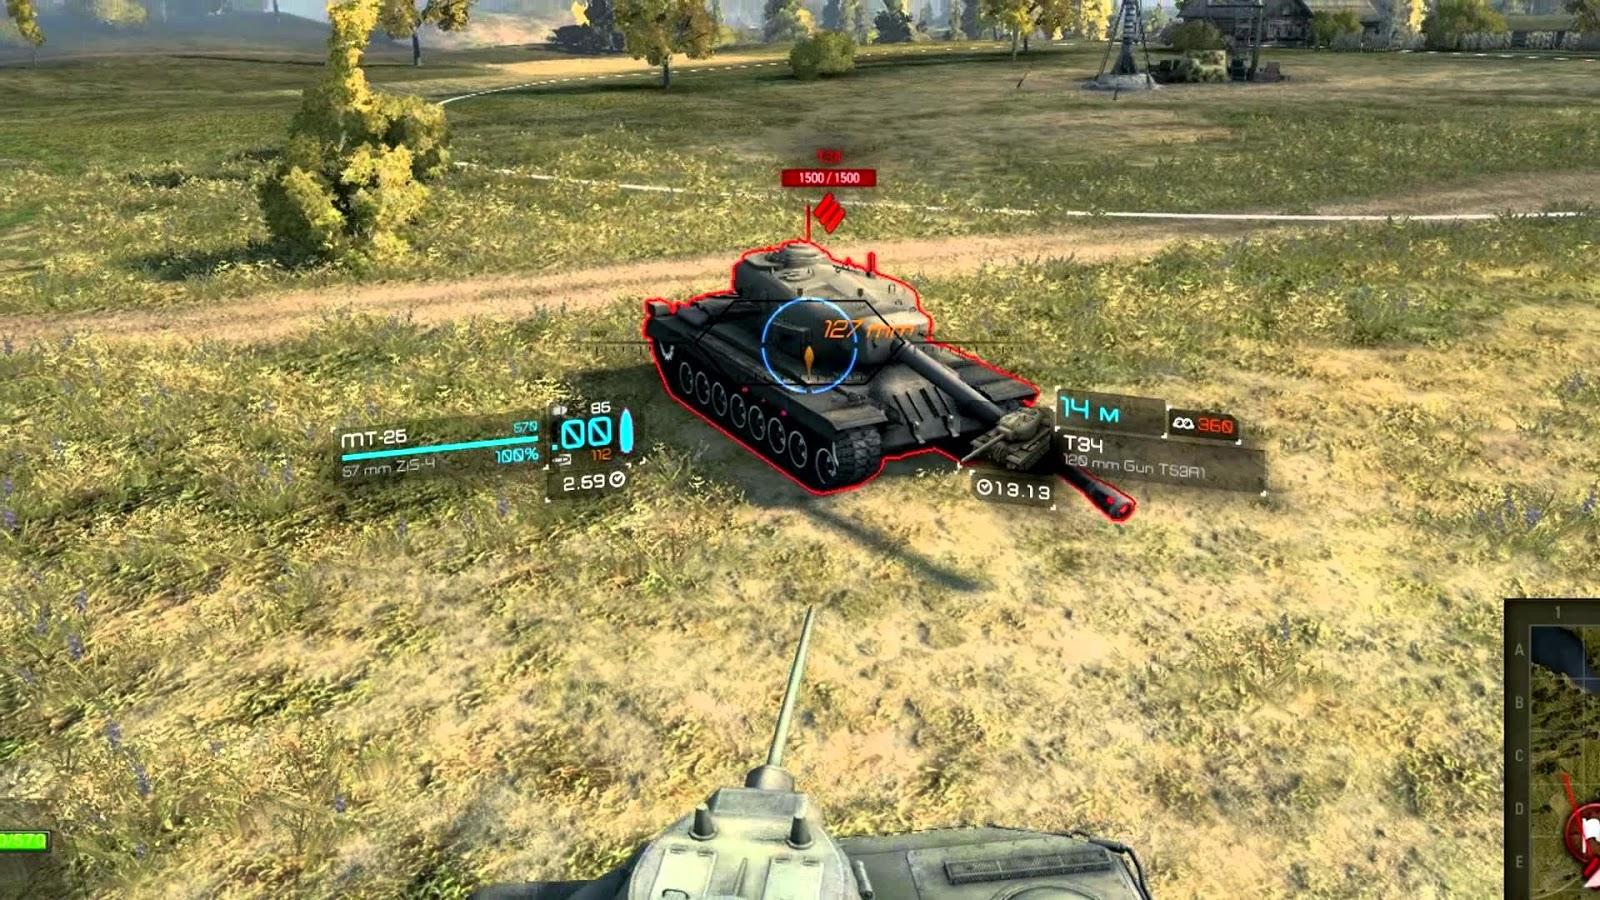 world of tanks 9.19 mod packs